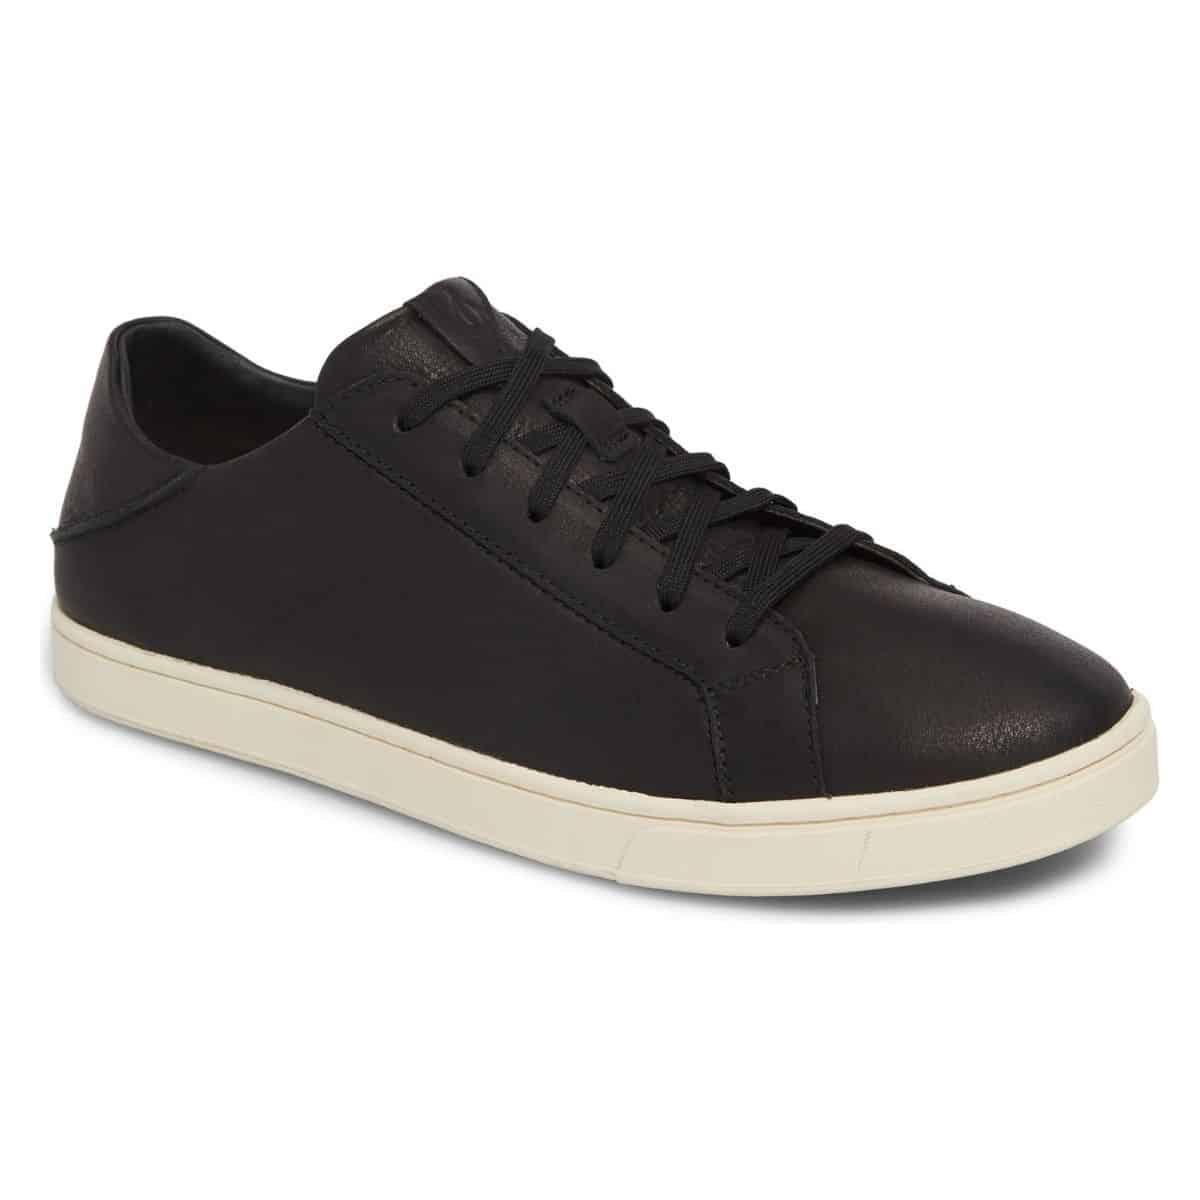 OluKai black and white leather sneaker.